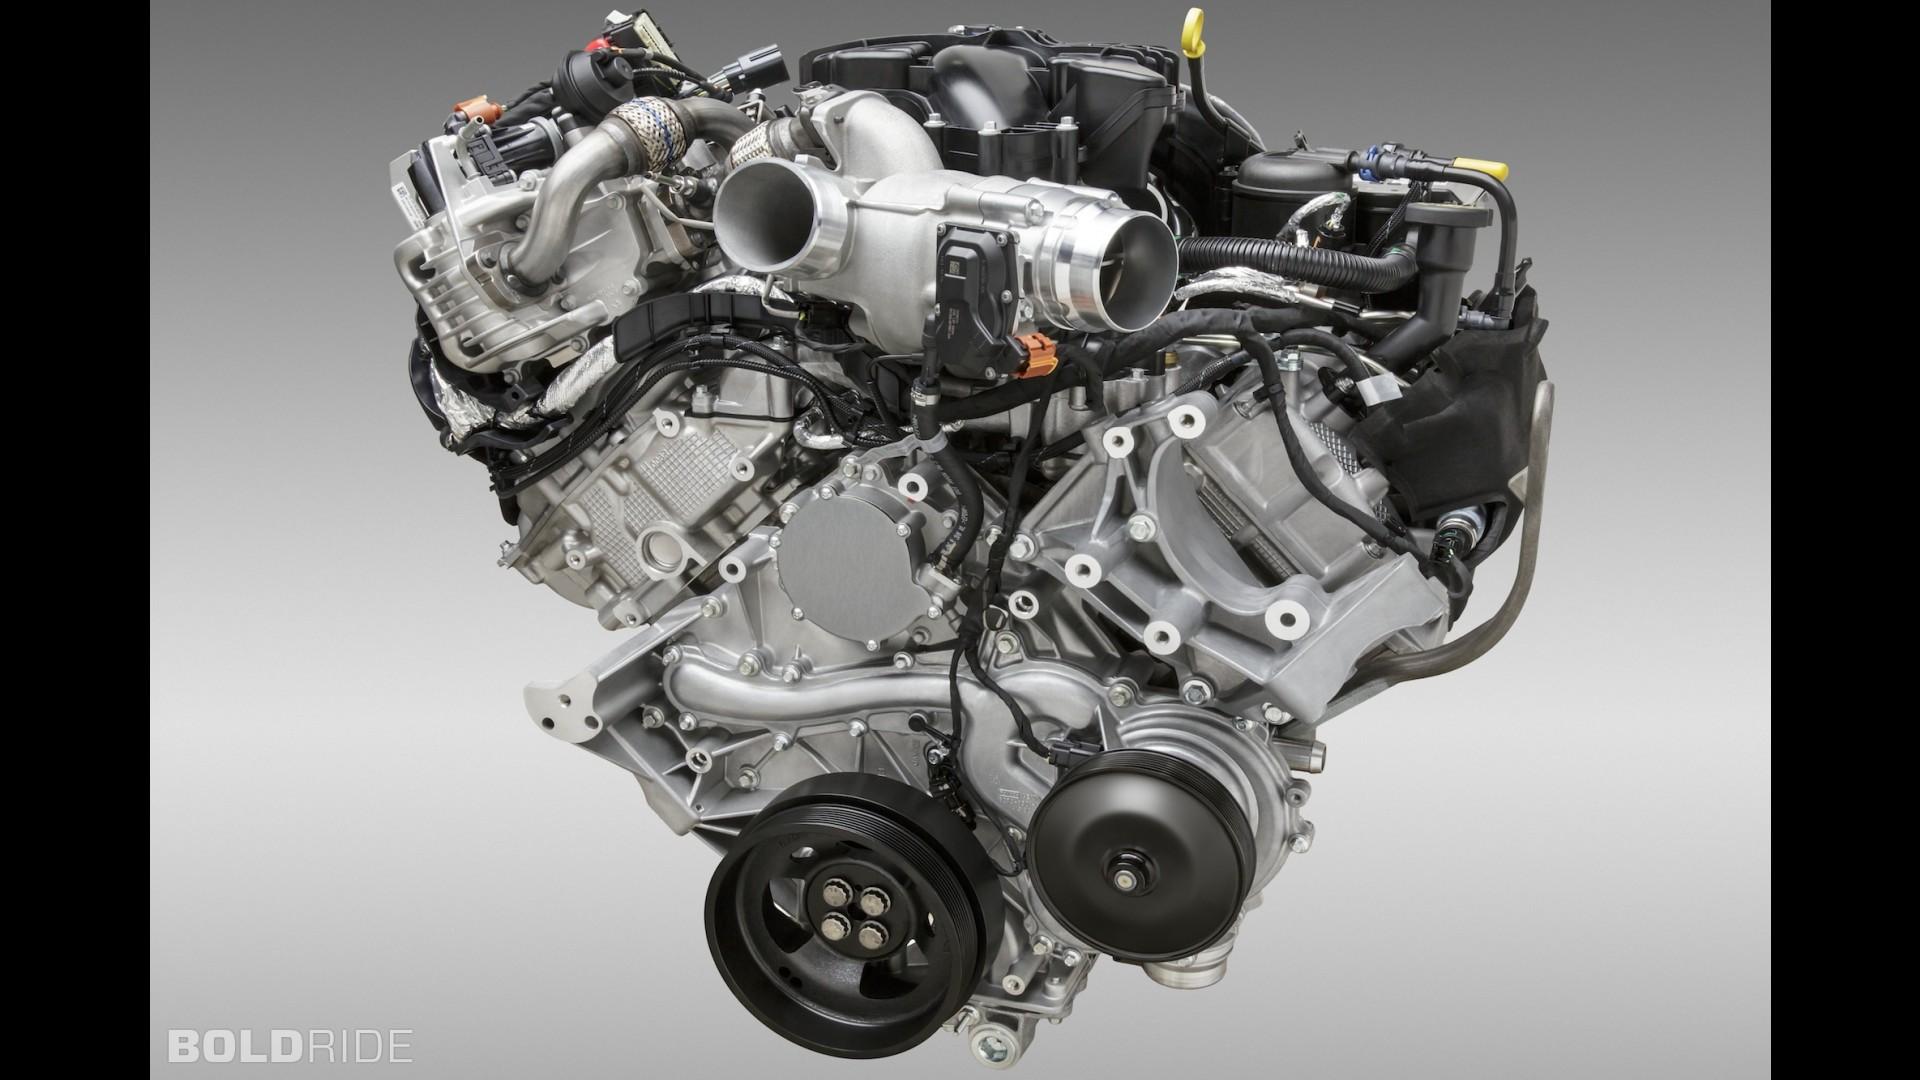 起售价7.43万美元 福特F-250特别版内饰官图发布